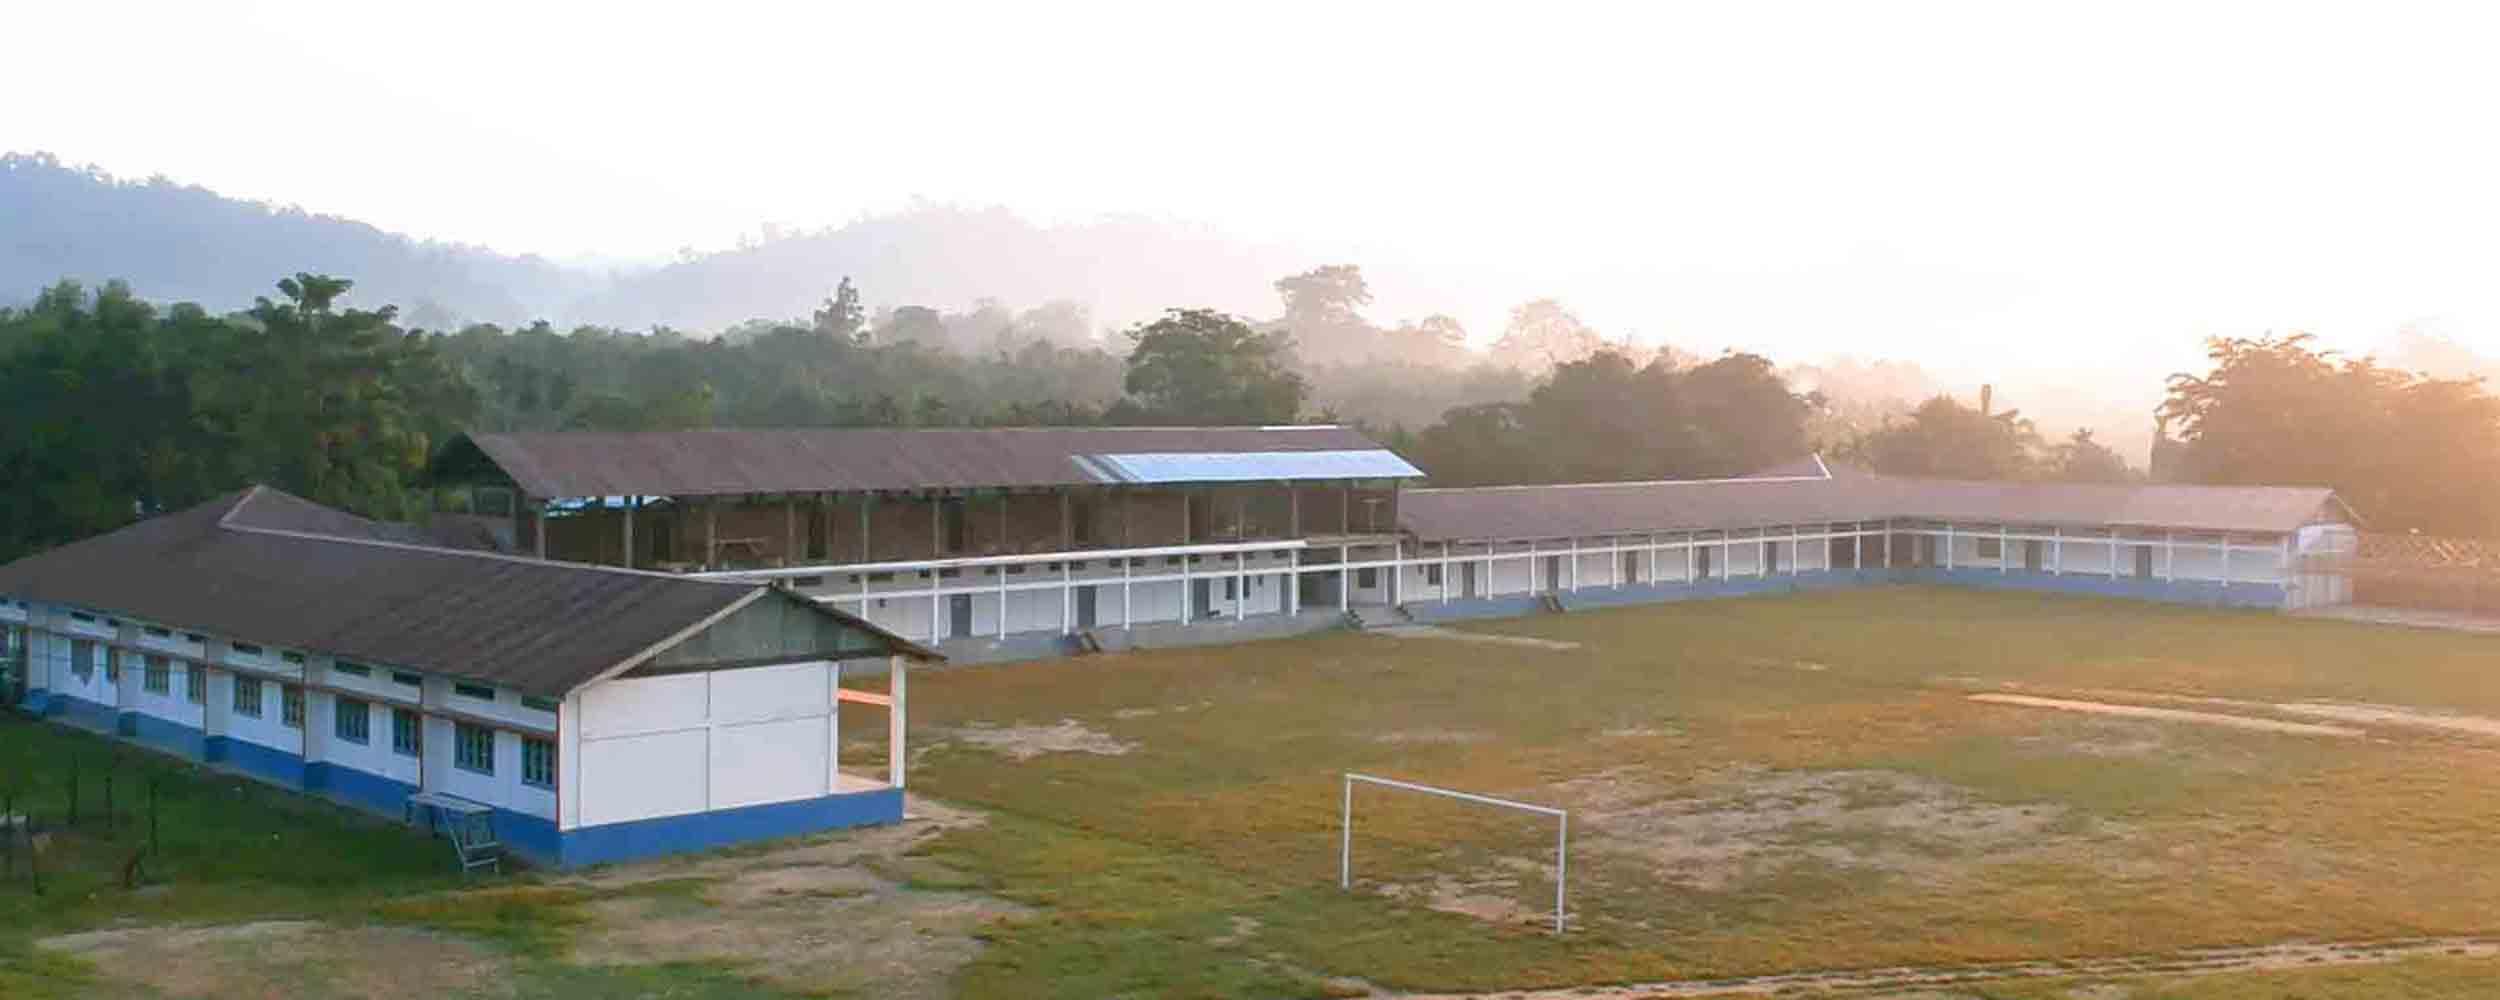 diyun-school